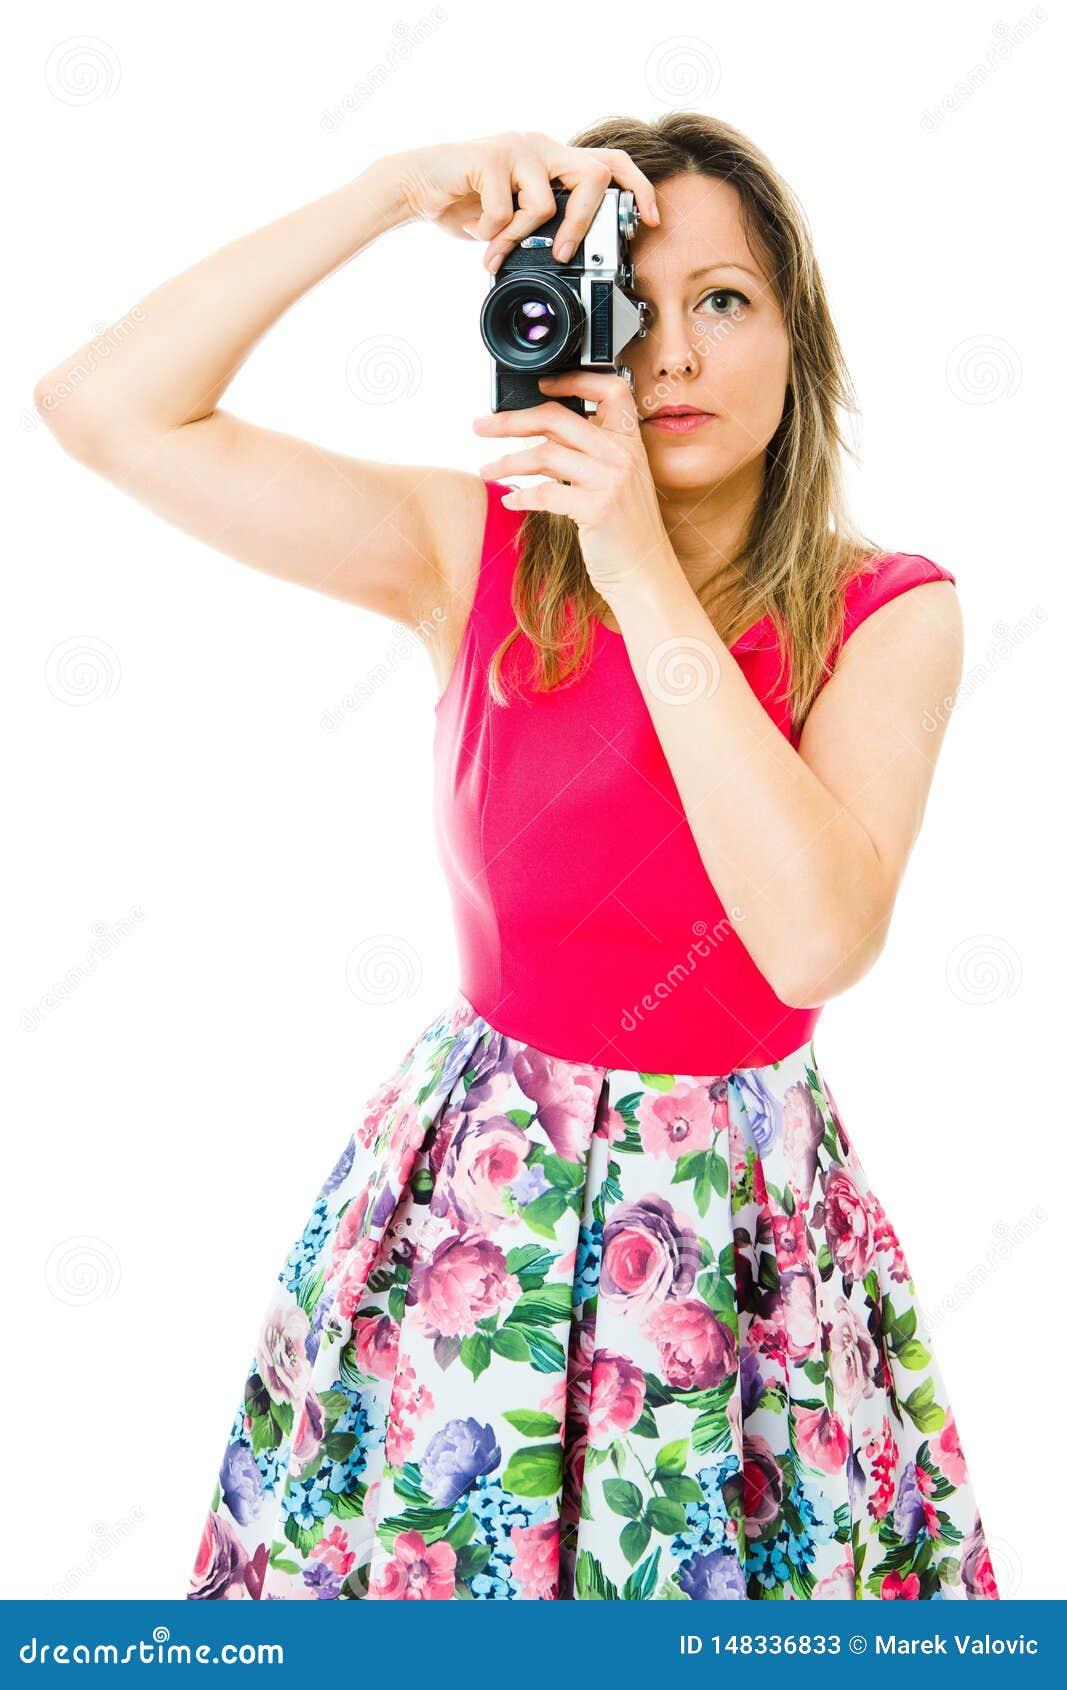 洋红色礼服的一位妇女摄影师有葡萄酒模式照相机的